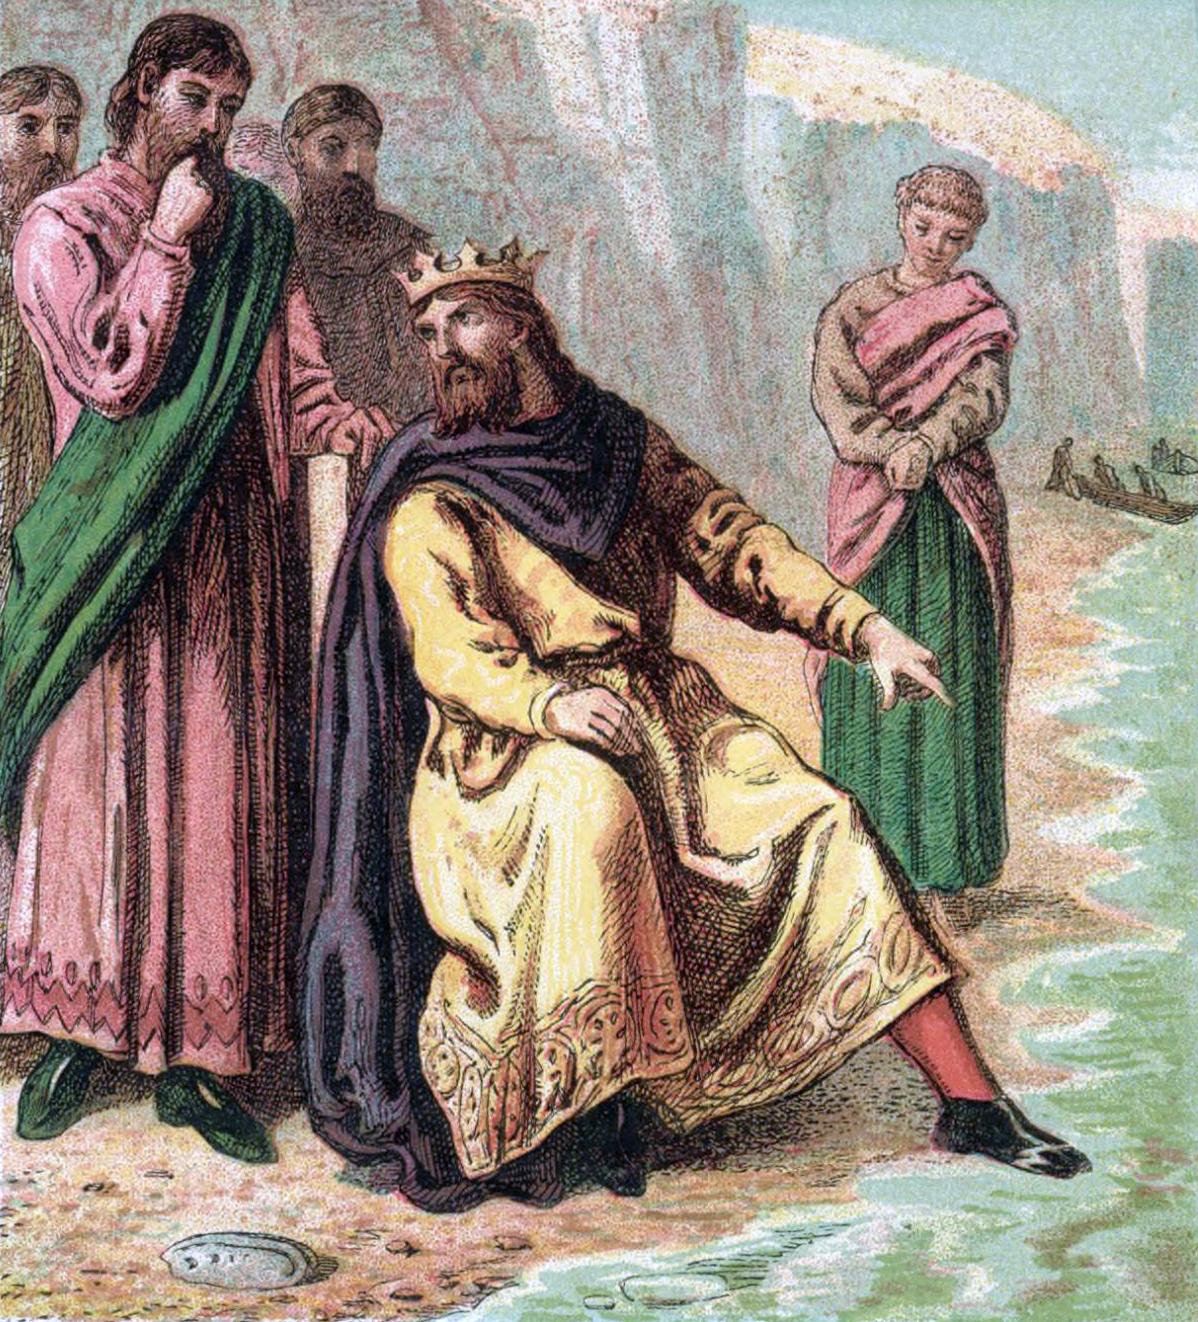 Возможно, единственный раз в истории, когда король унизил себя нарочно